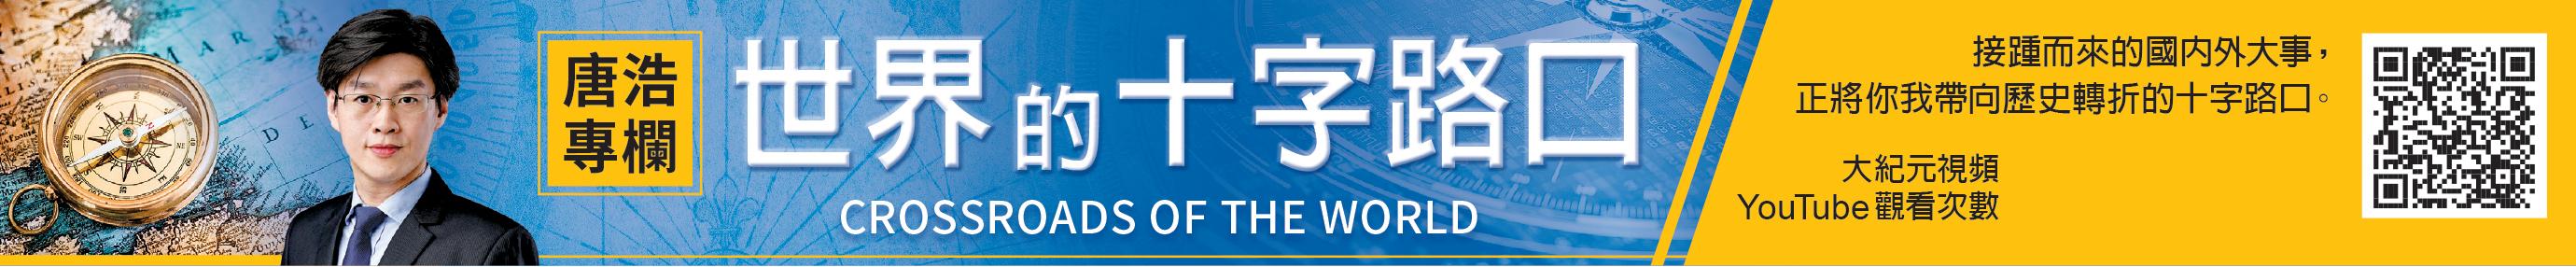 【十字路口】唐浩專欄 : 台灣慎防社會主義向中共賣台